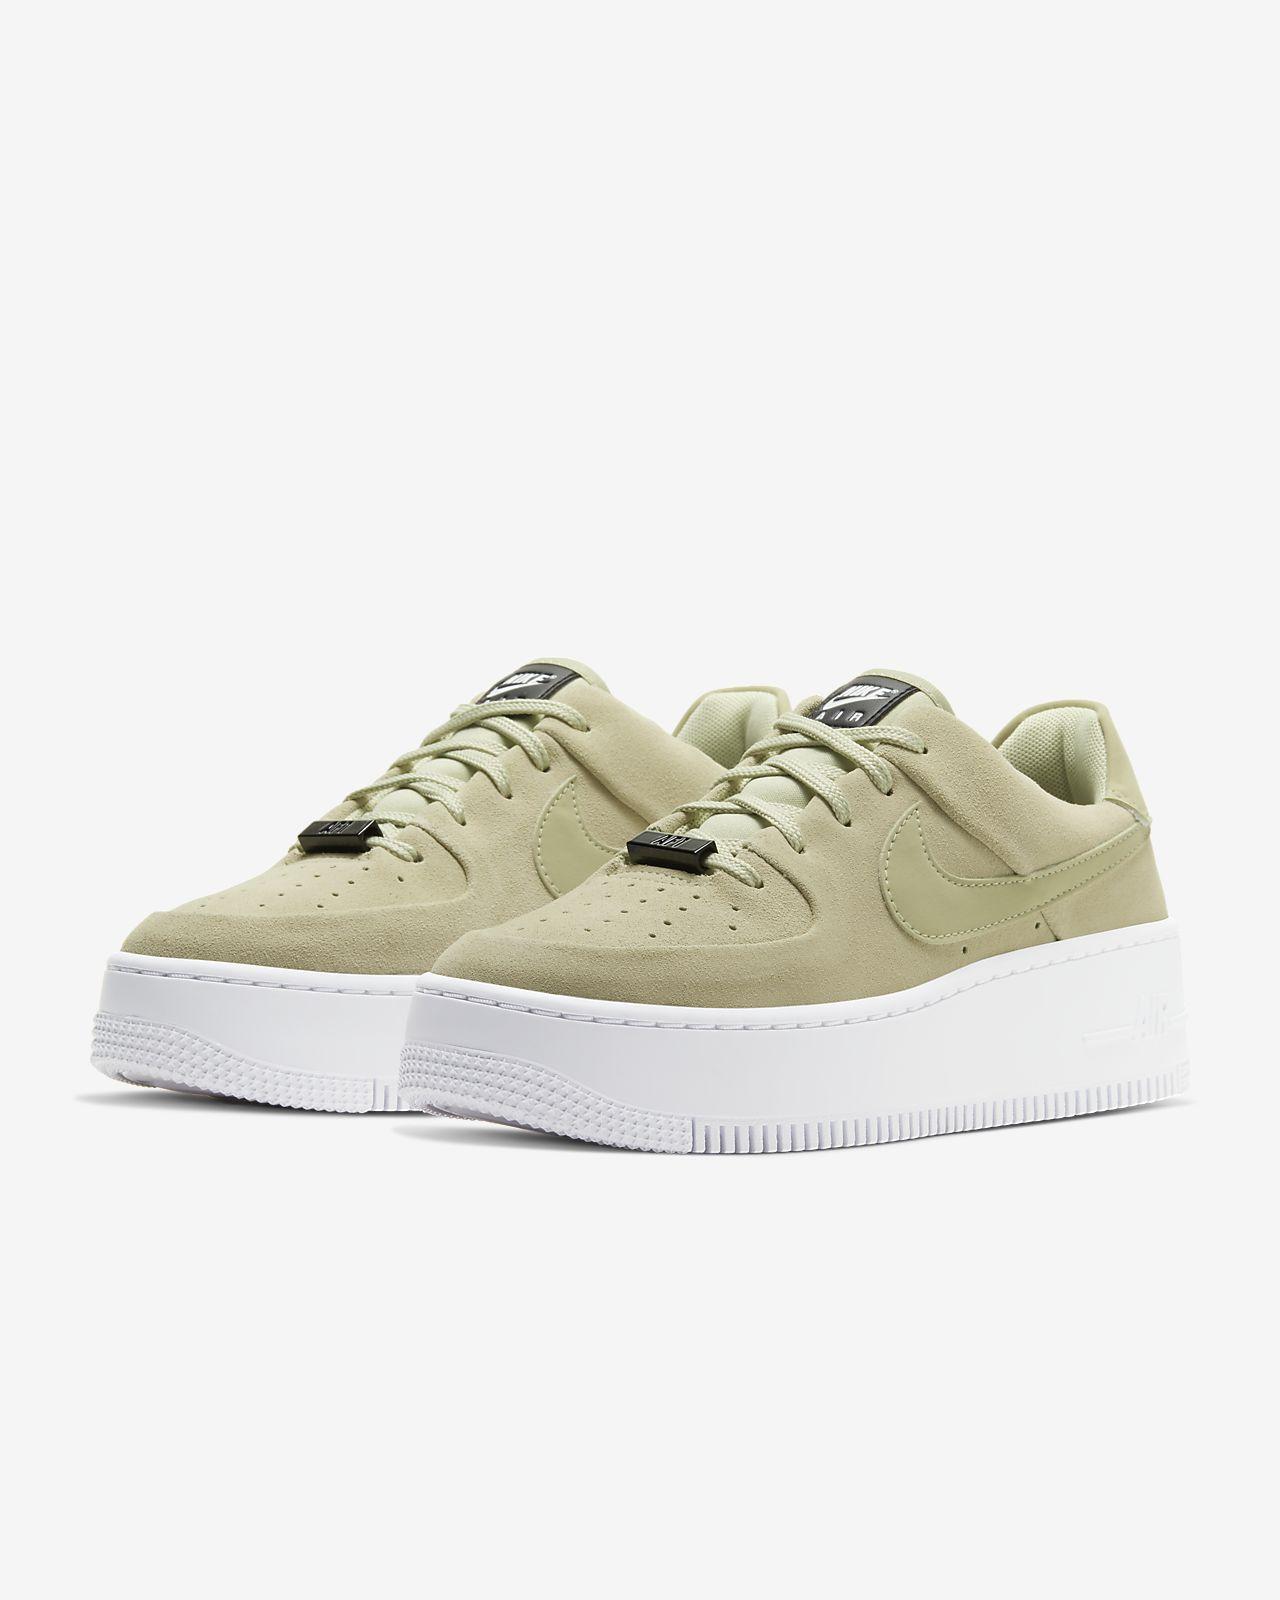 Vendo ténis Nike Air Force Nude 38.5